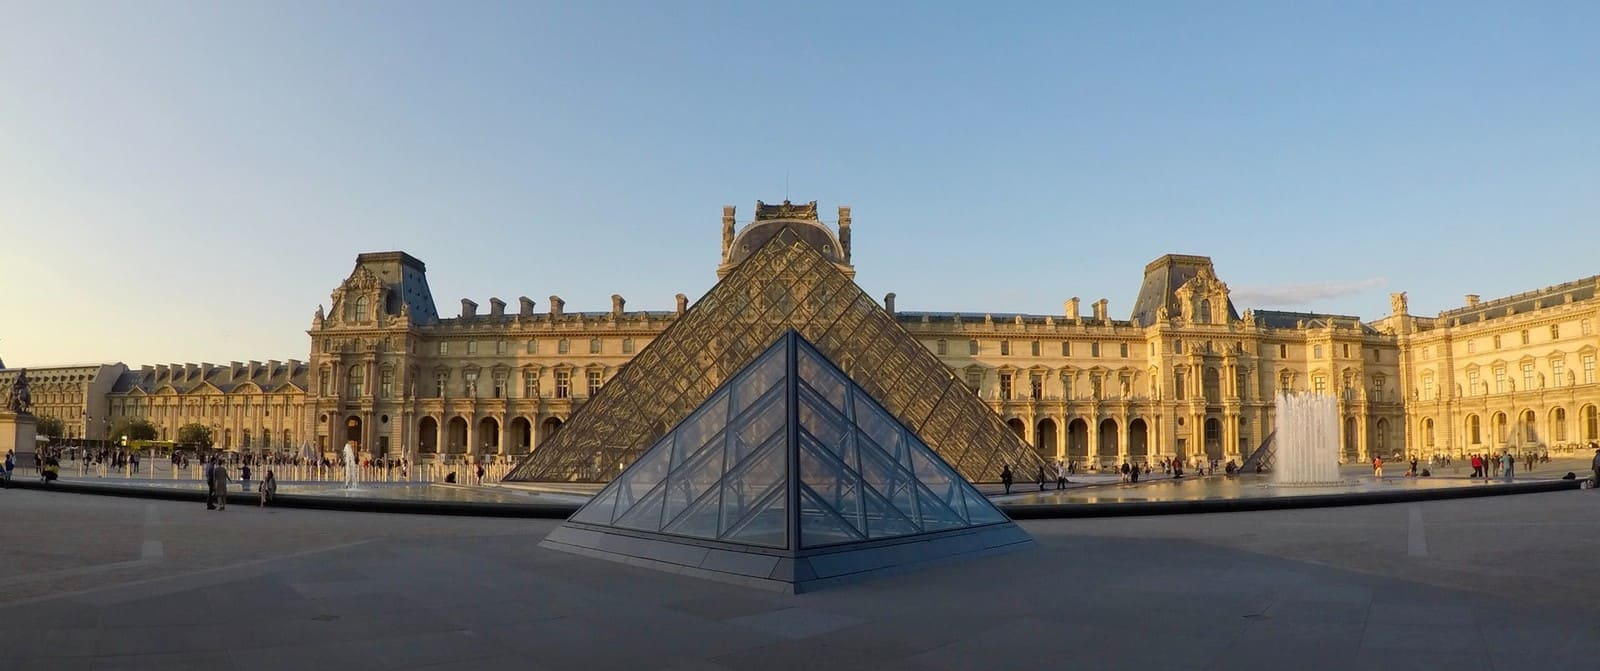 Cómo llegar al Museo del Louvre – Metro, tren, bus y coche